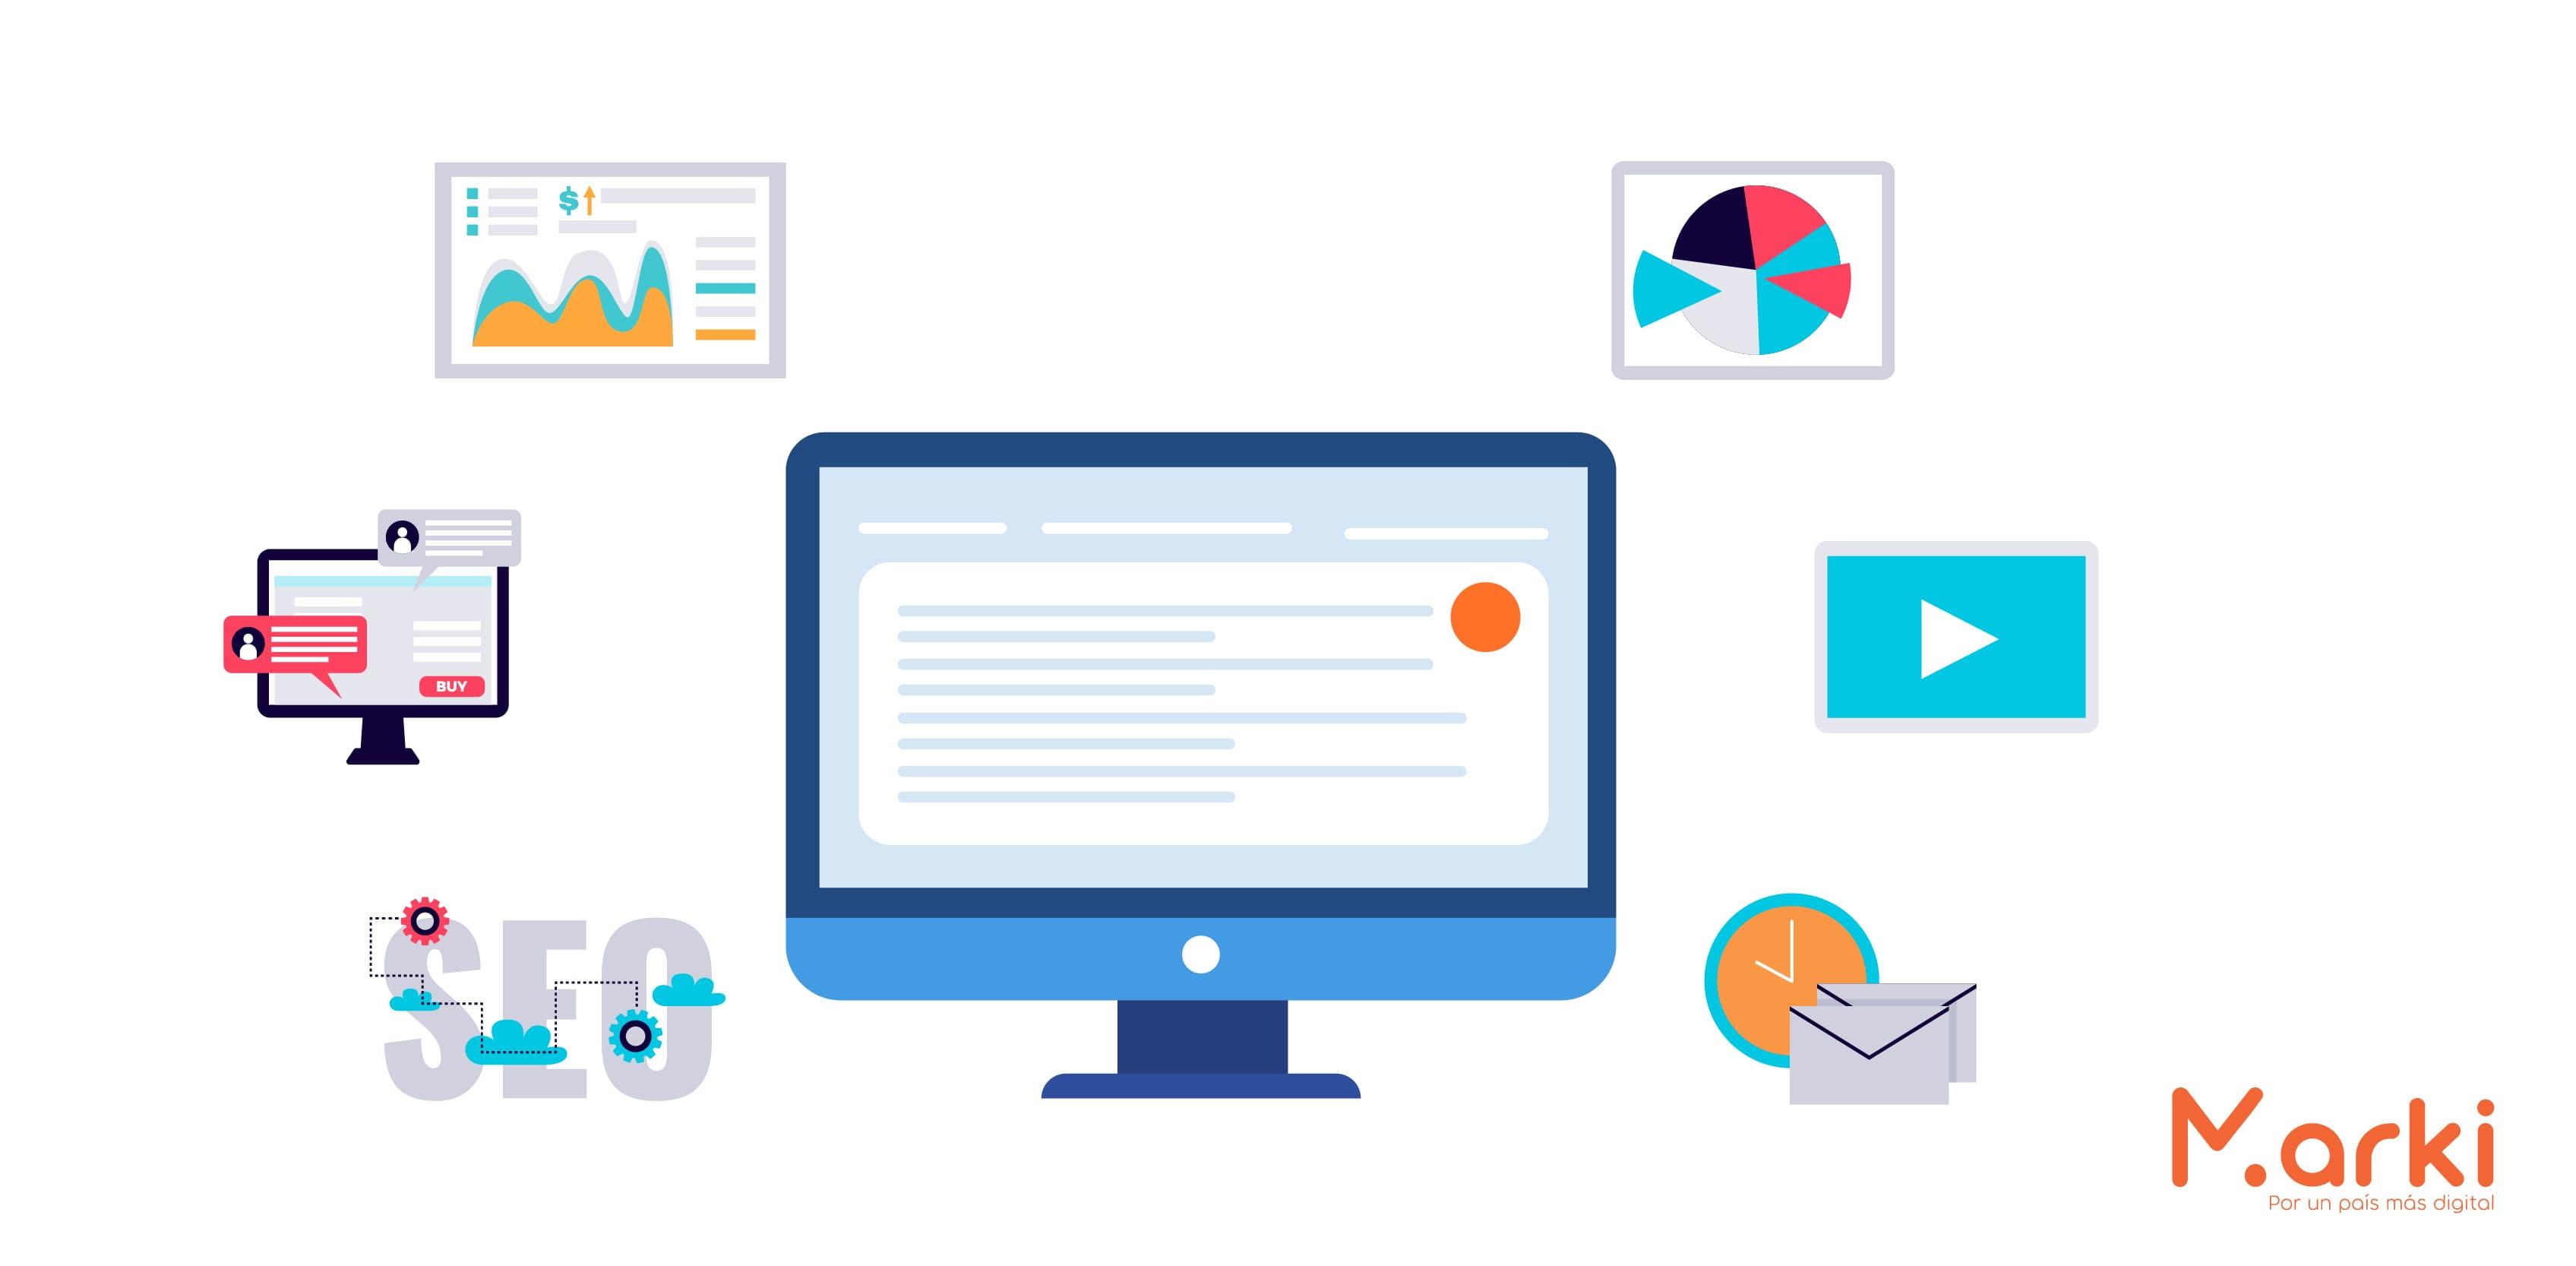 computadora azul evolucion del marketing digital la evolucion del marketing digital la nueva era digital como surgio el marketing digital los negocios en la era digital voluntarios universitarios voluntariado peru voluntariado online voluntariado marki